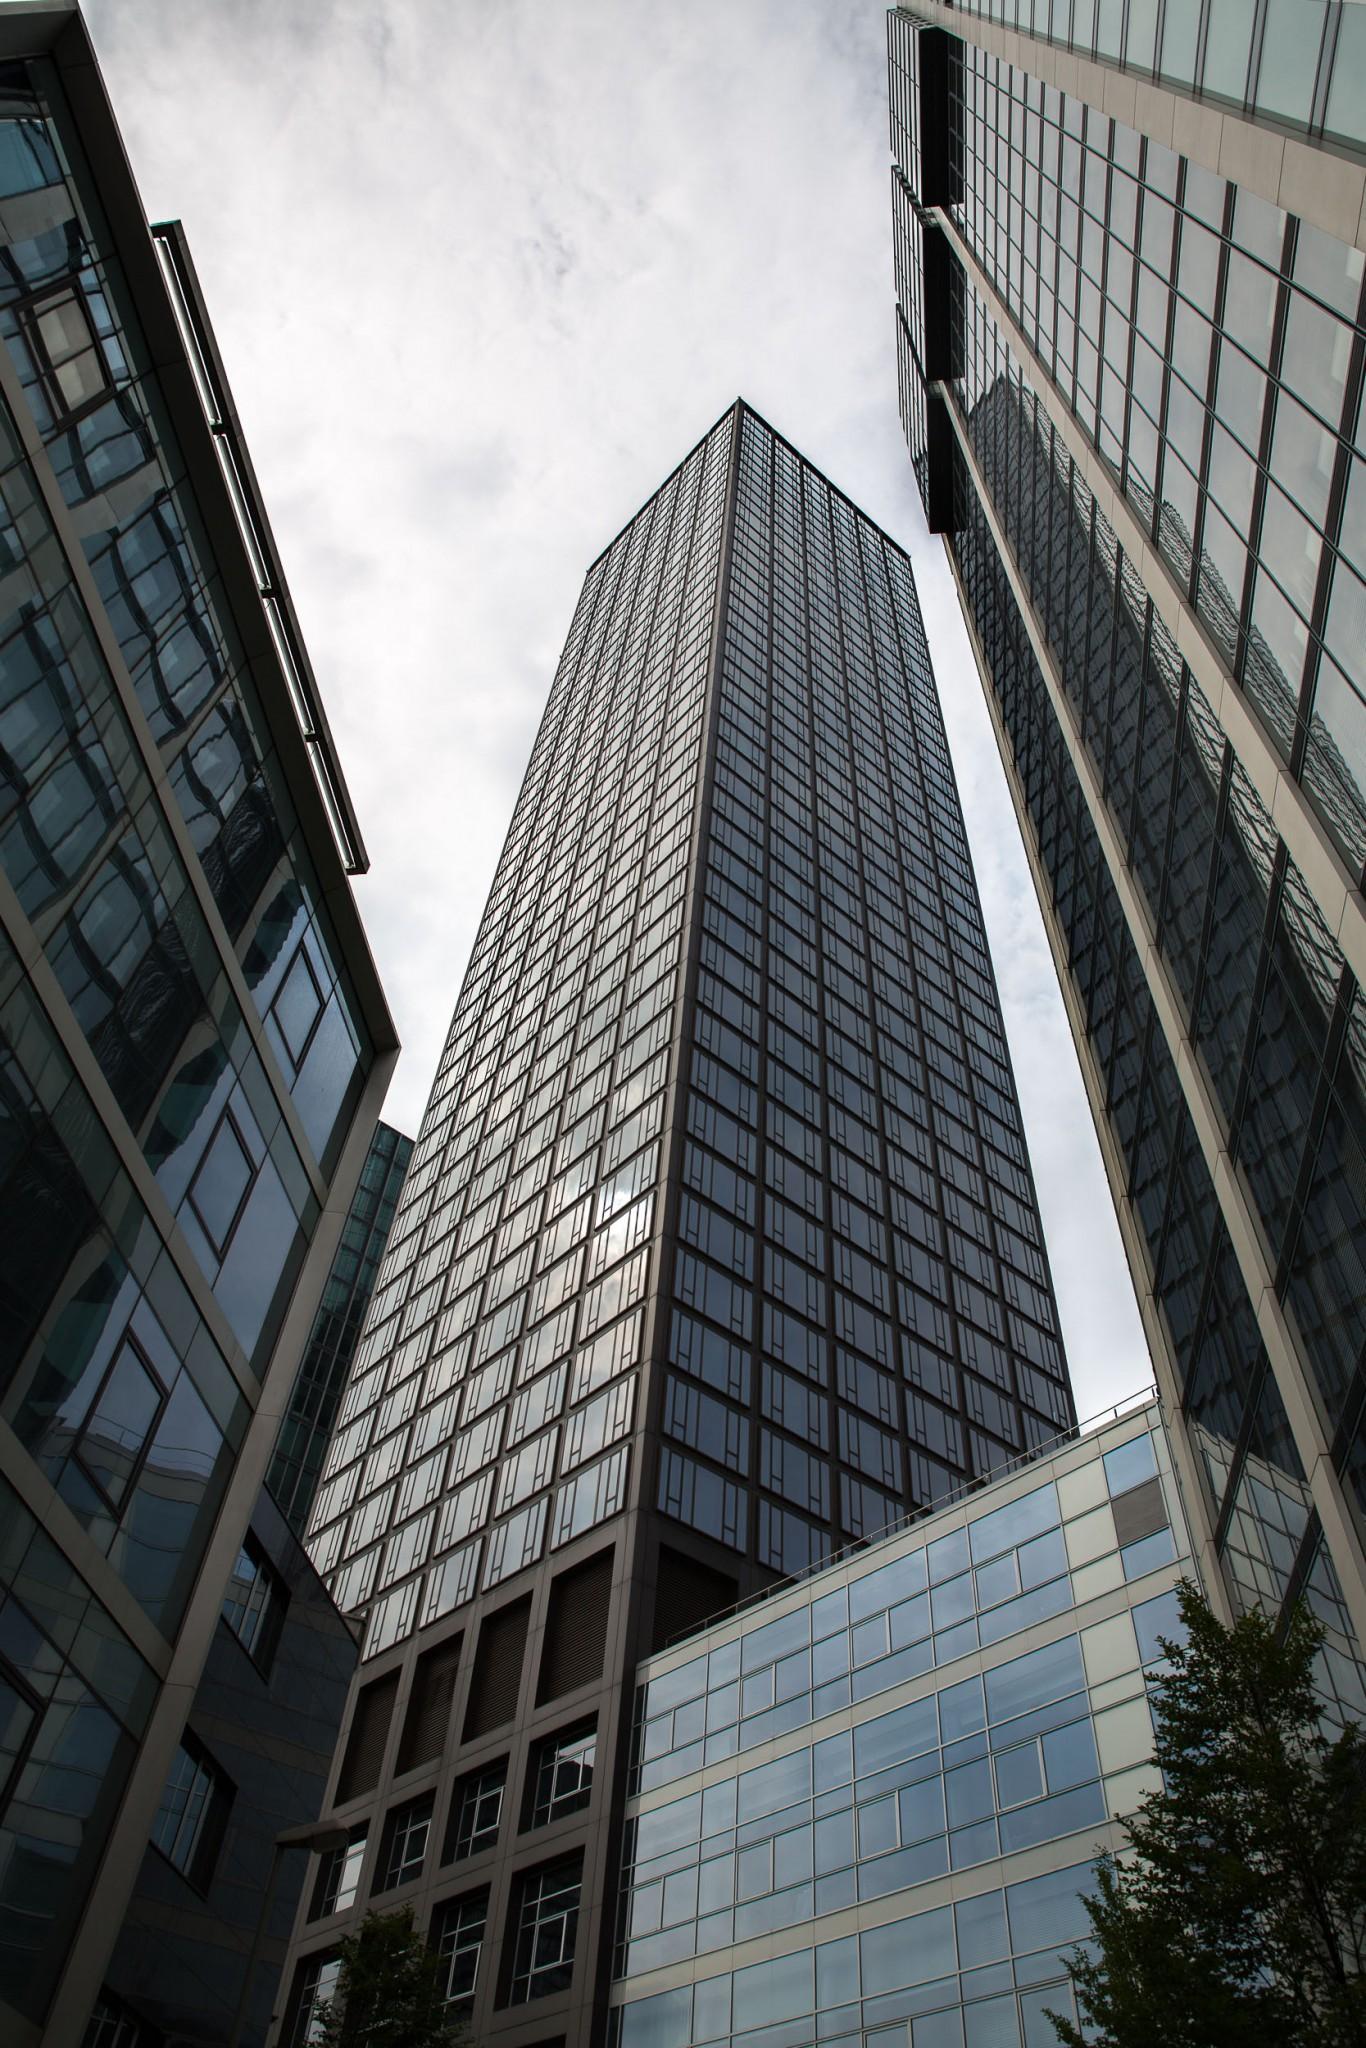 Über 50 Stockwerke hinauf auf die Aussichtsplattform.